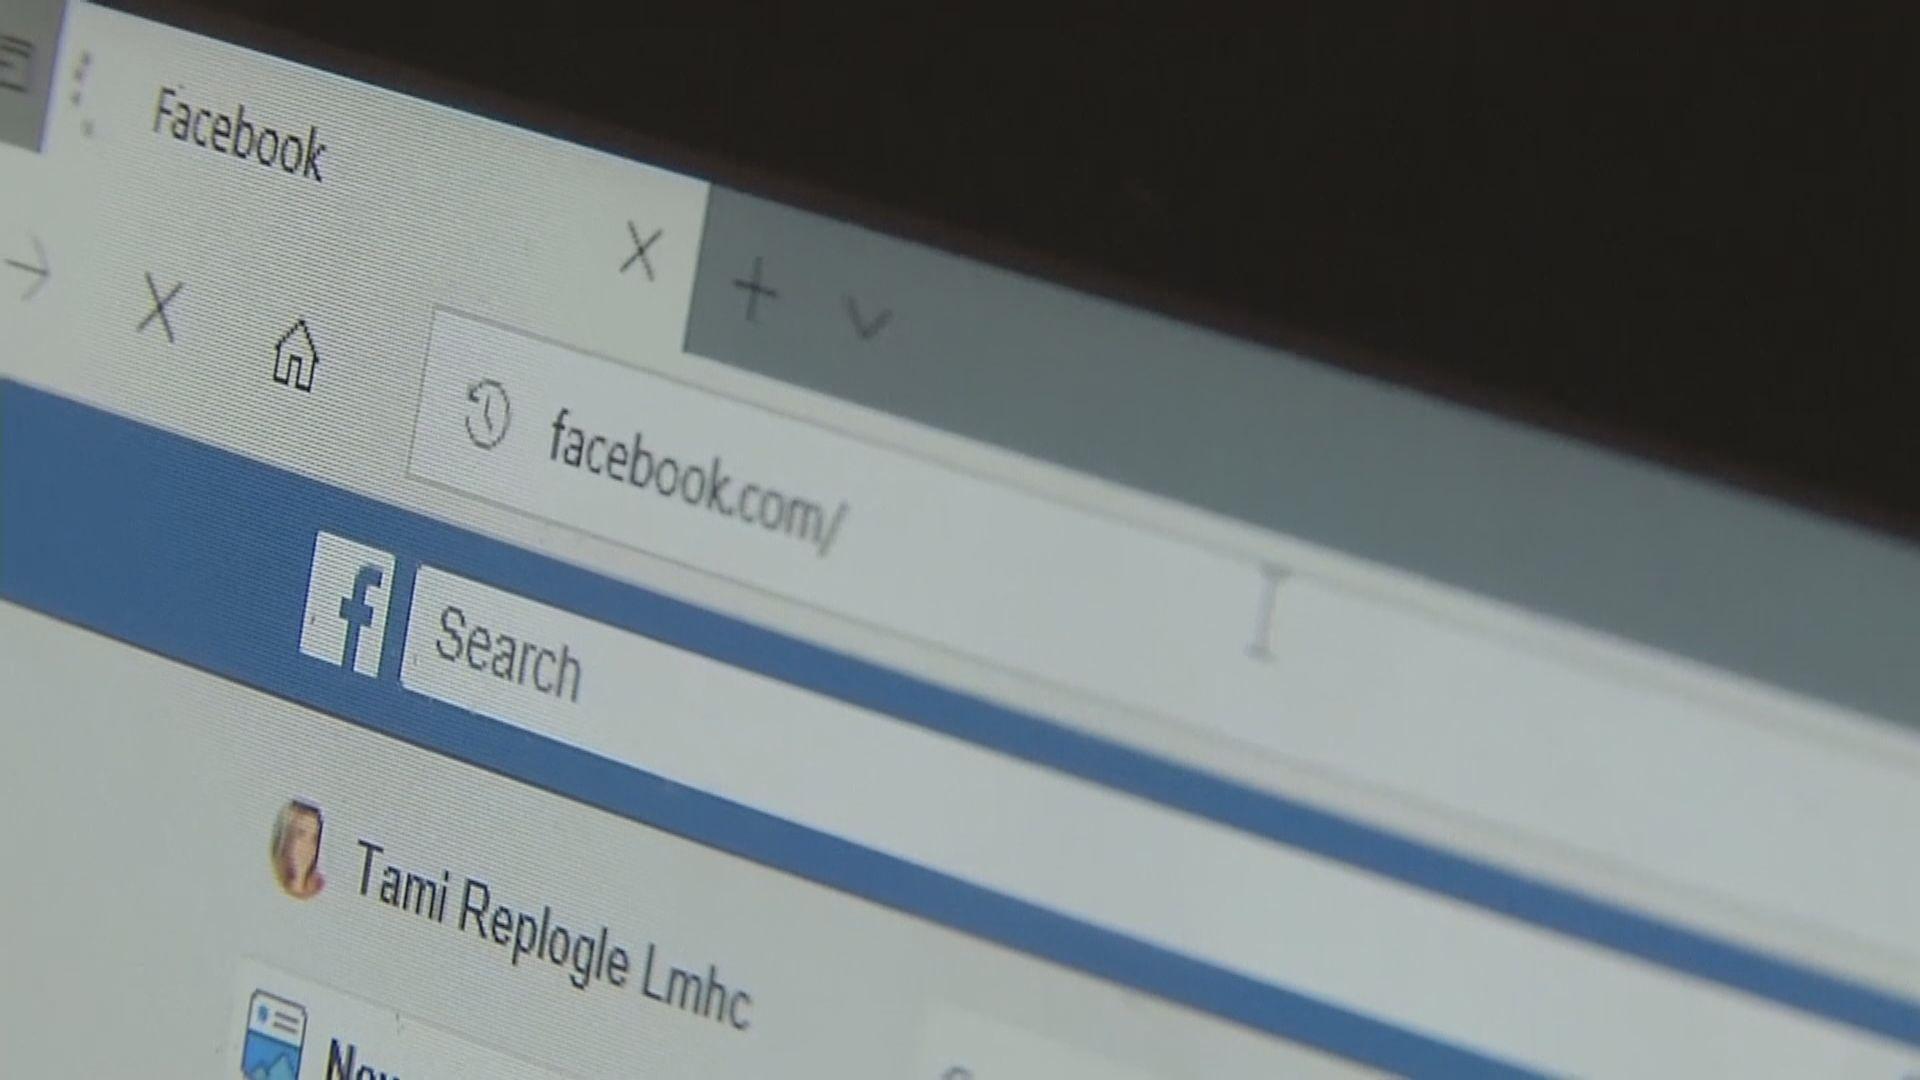 逾五億Facebook用戶個人資料被公開 包括多名高層